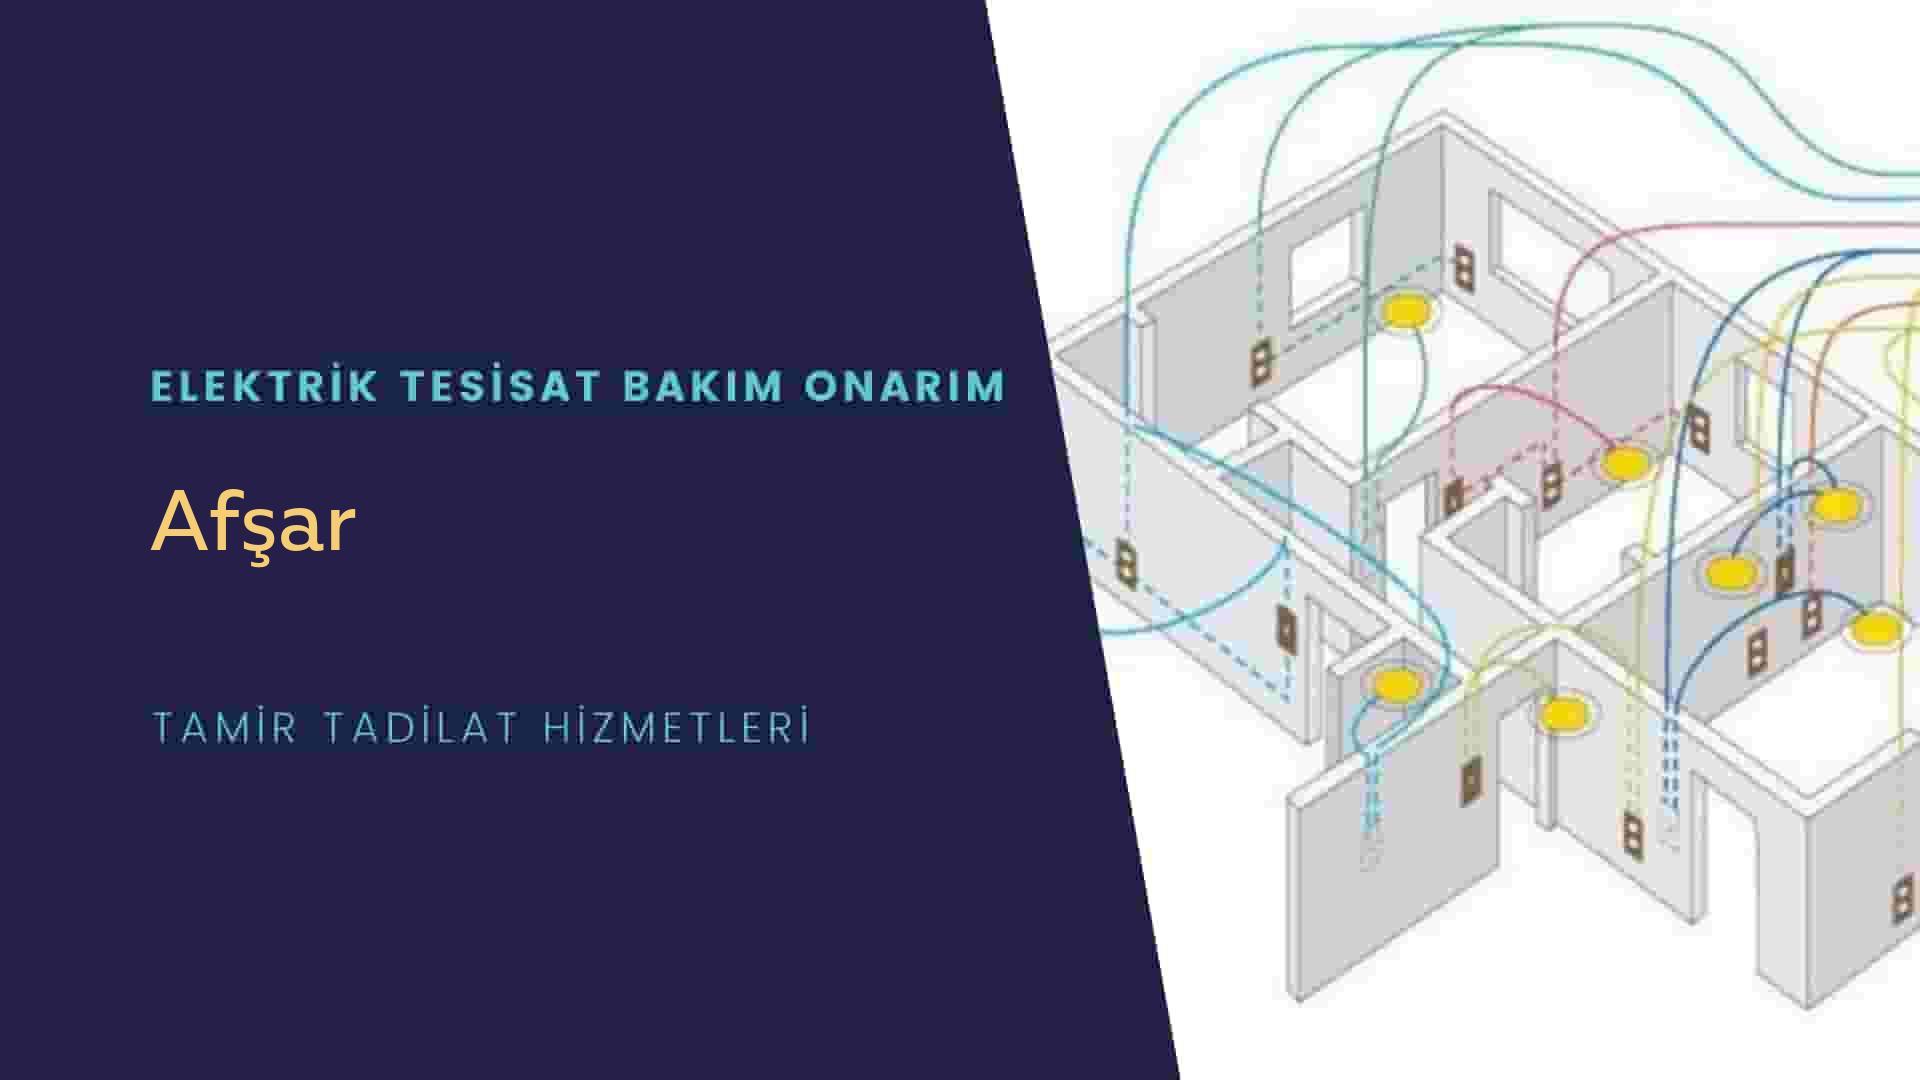 Afşar'da elektrik tesisatıustalarımı arıyorsunuz doğru adrestenizi Afşar elektrik tesisatı ustalarımız 7/24 sizlere hizmet vermekten mutluluk duyar.